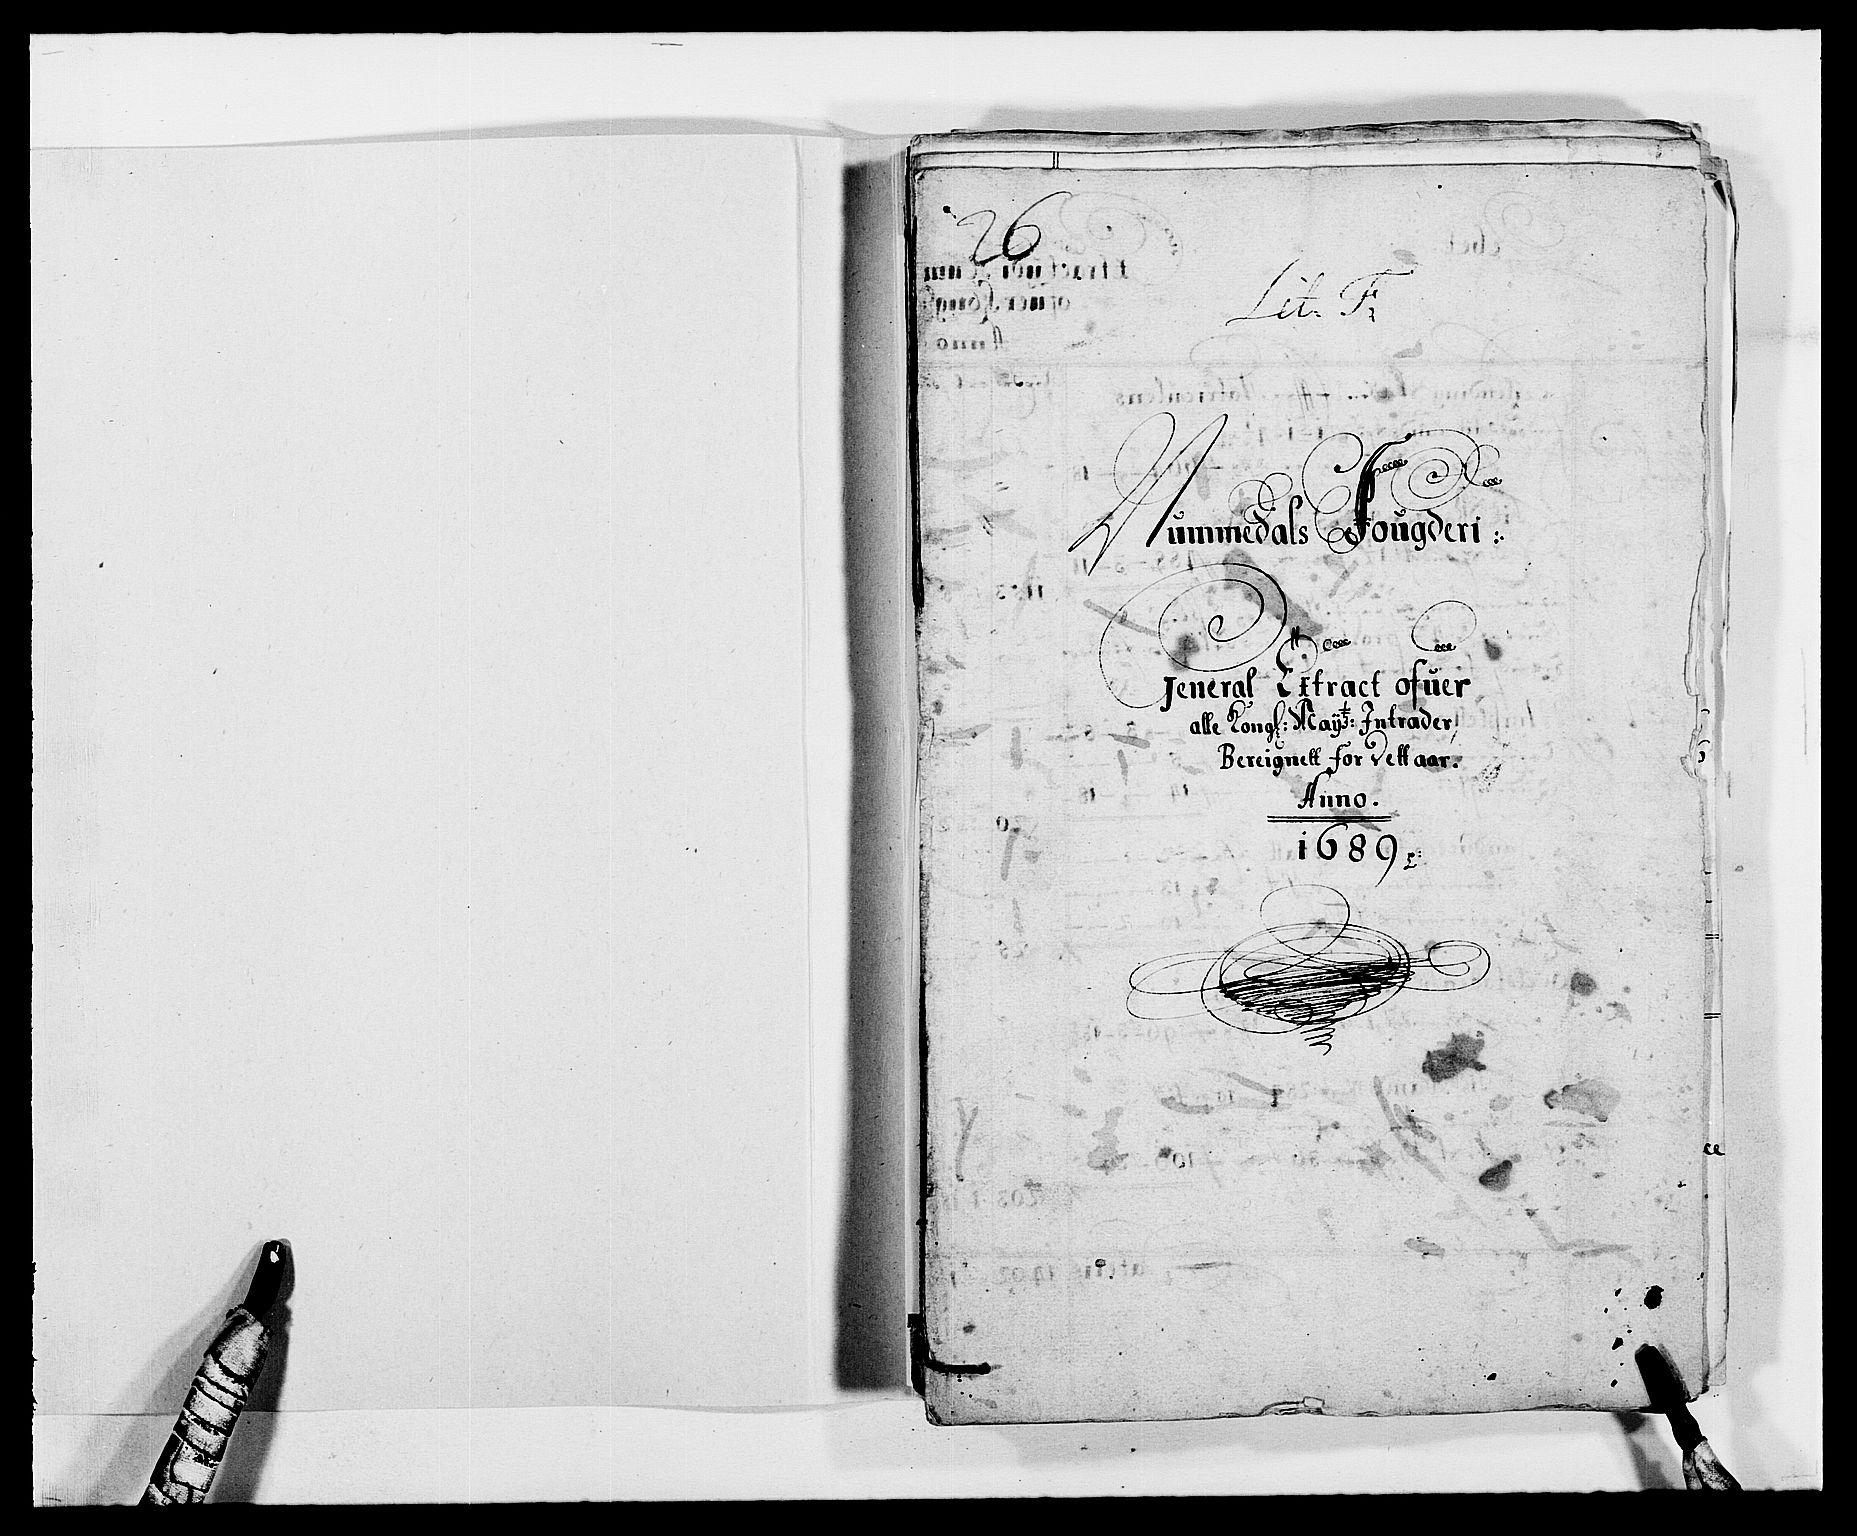 RA, Rentekammeret inntil 1814, Reviderte regnskaper, Fogderegnskap, R64/L4422: Fogderegnskap Namdal, 1687-1689, s. 199